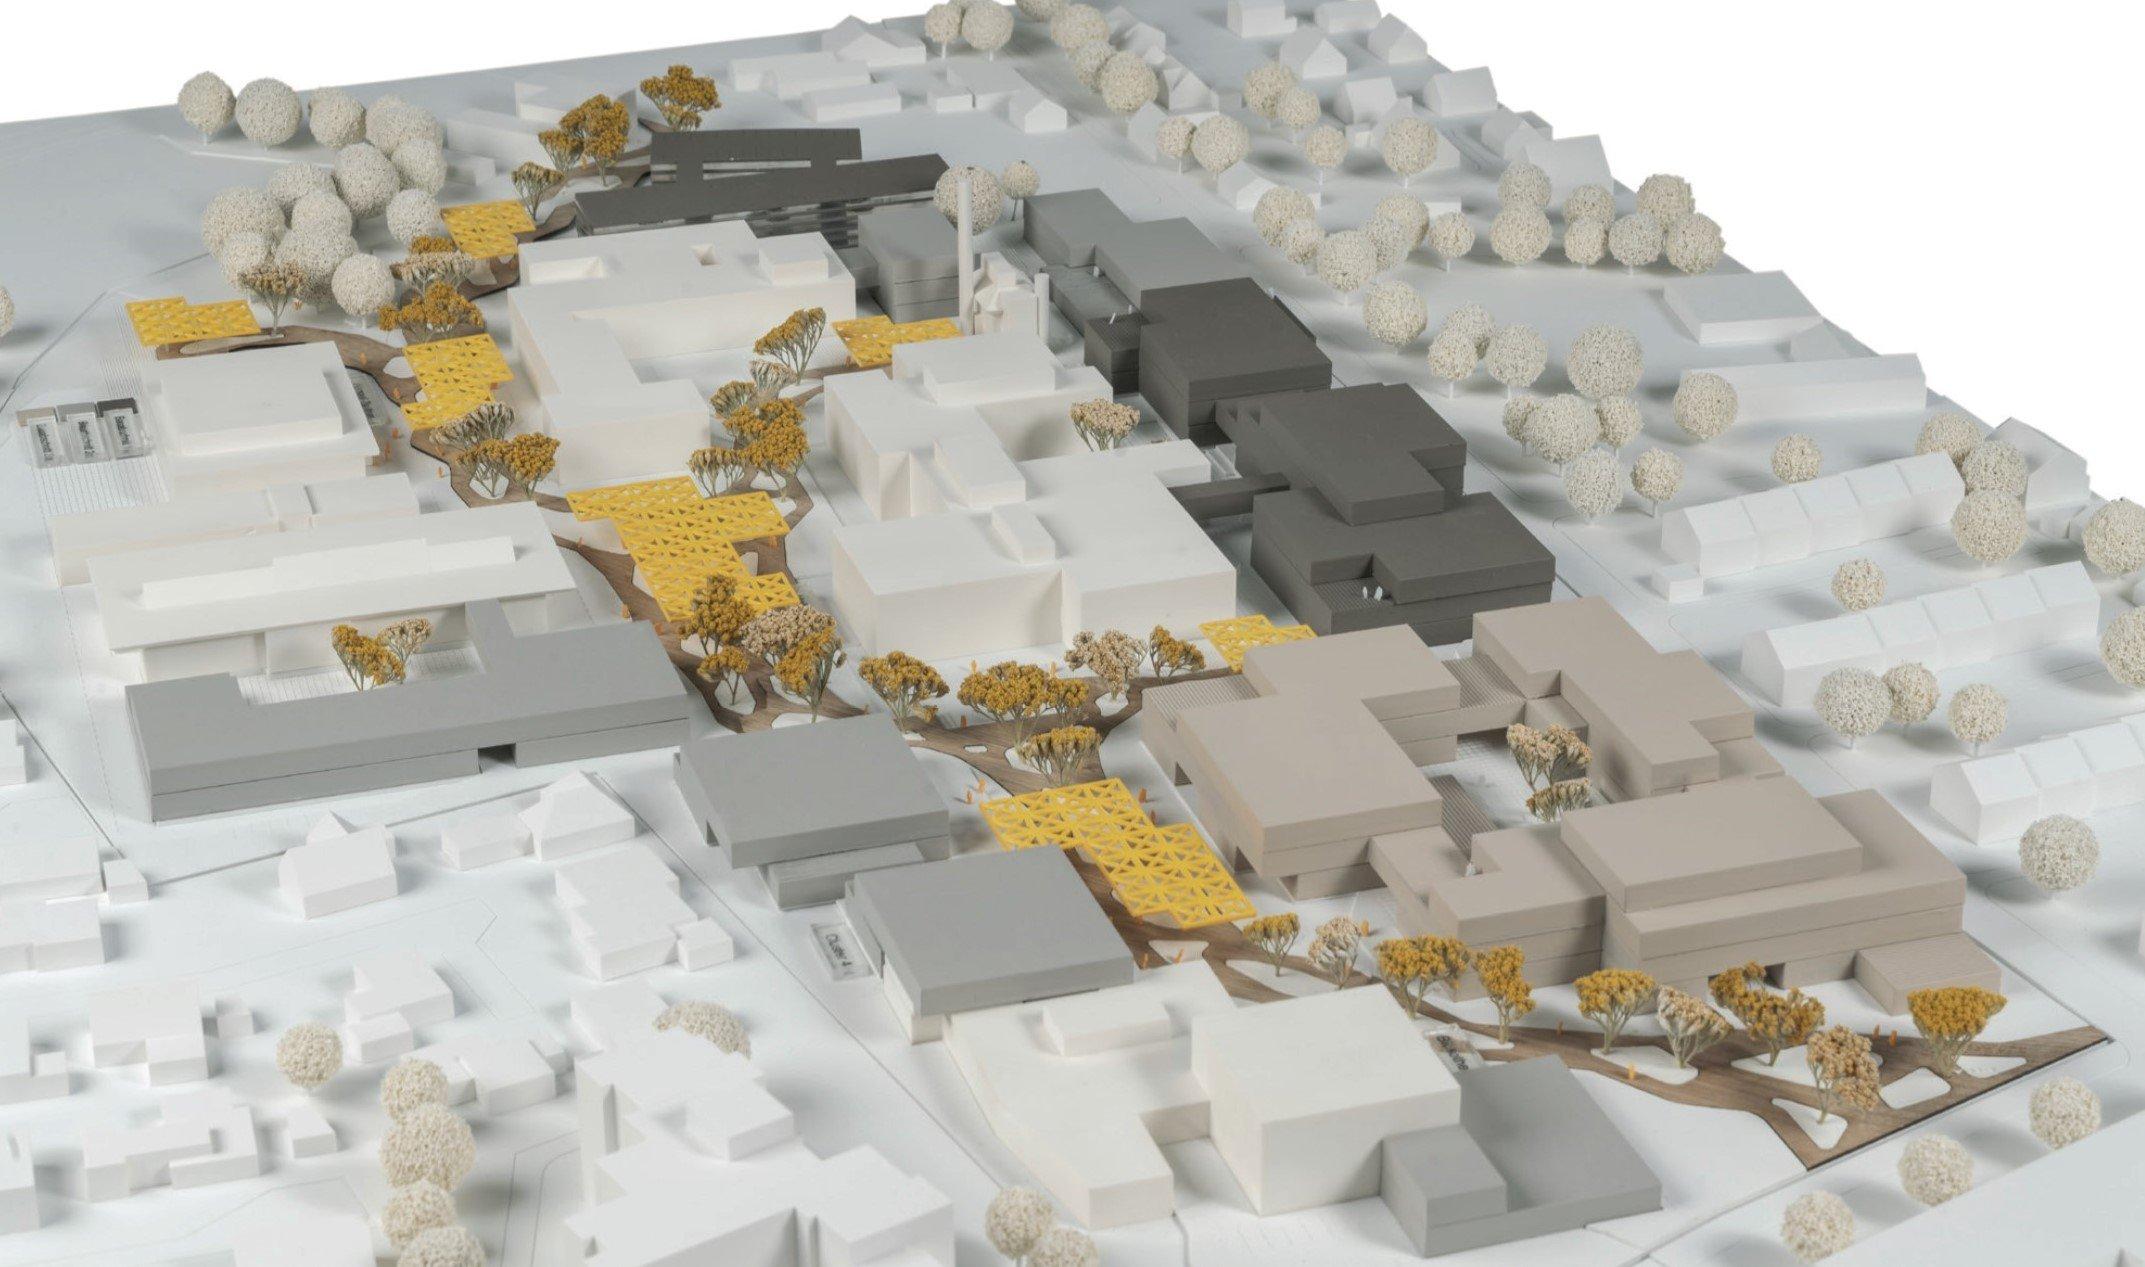 Gleiches Modell, anderer Blickwinkel: Die weißen Gebäude bleiben bestehen. Die Gebäude des ersten Bauabschnitts am Flögemannsesch sind dunkelgrau dargestellt, der zweite Bauabschnitt hellgrau, der dritte beige. (Foto: post welters + Partner mbH Architekten und Stadtplaner)